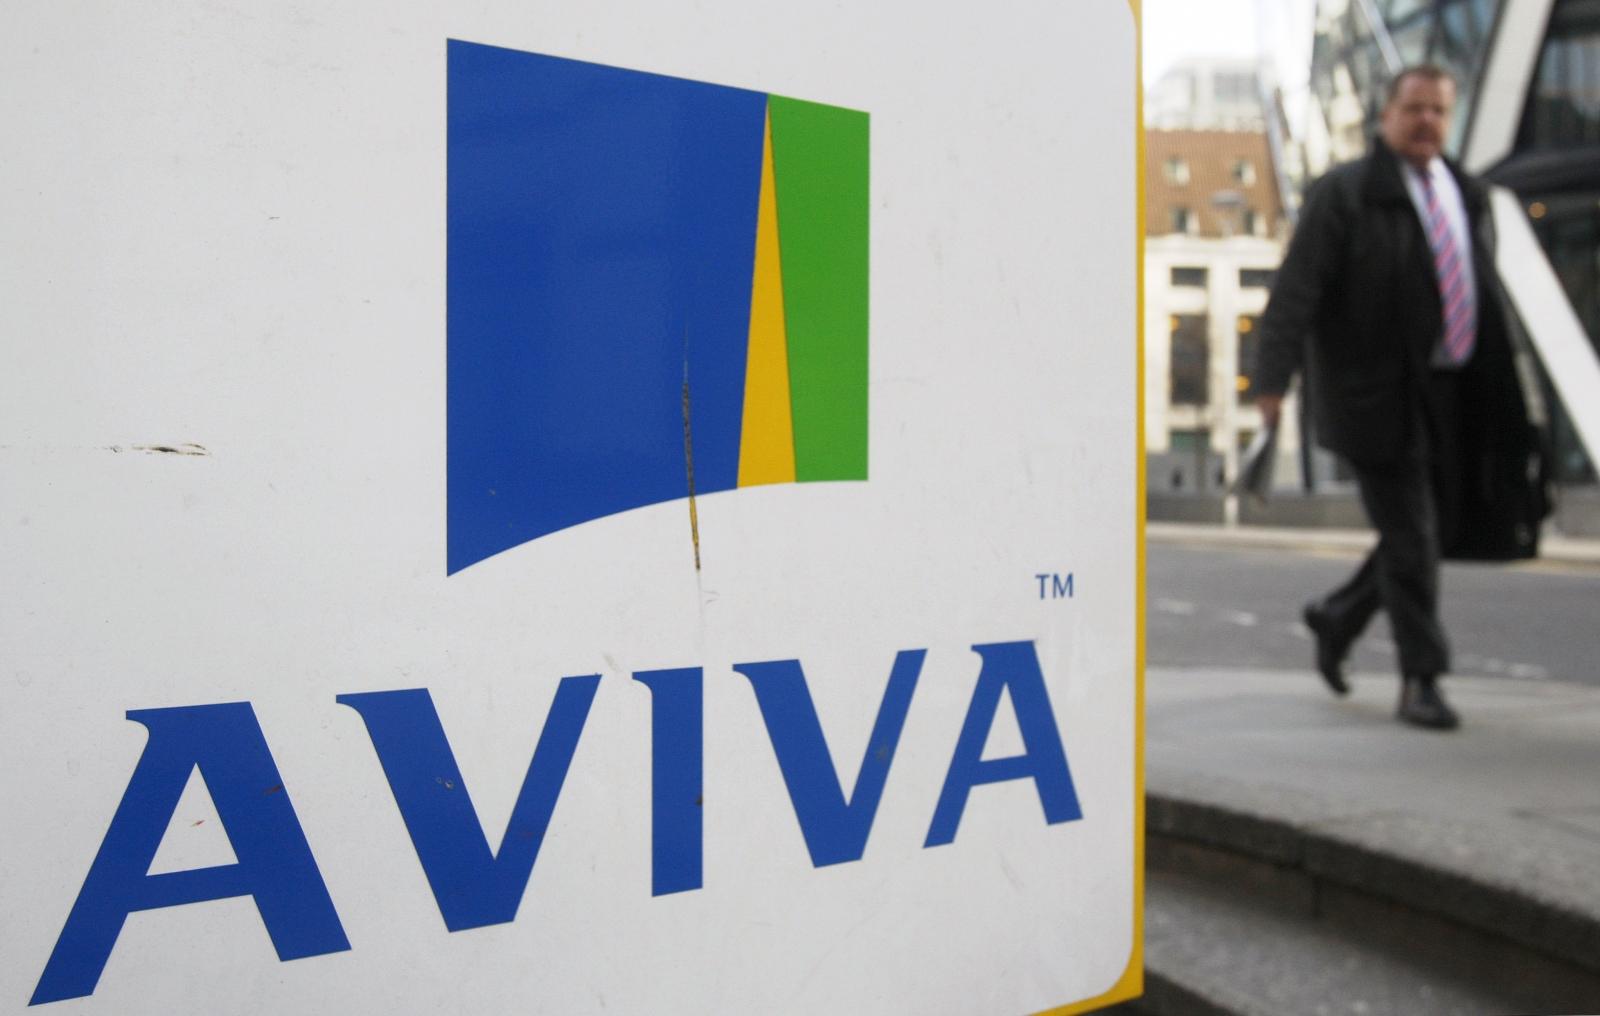 Aviva Shares Jump as Insurer's Profits Rise